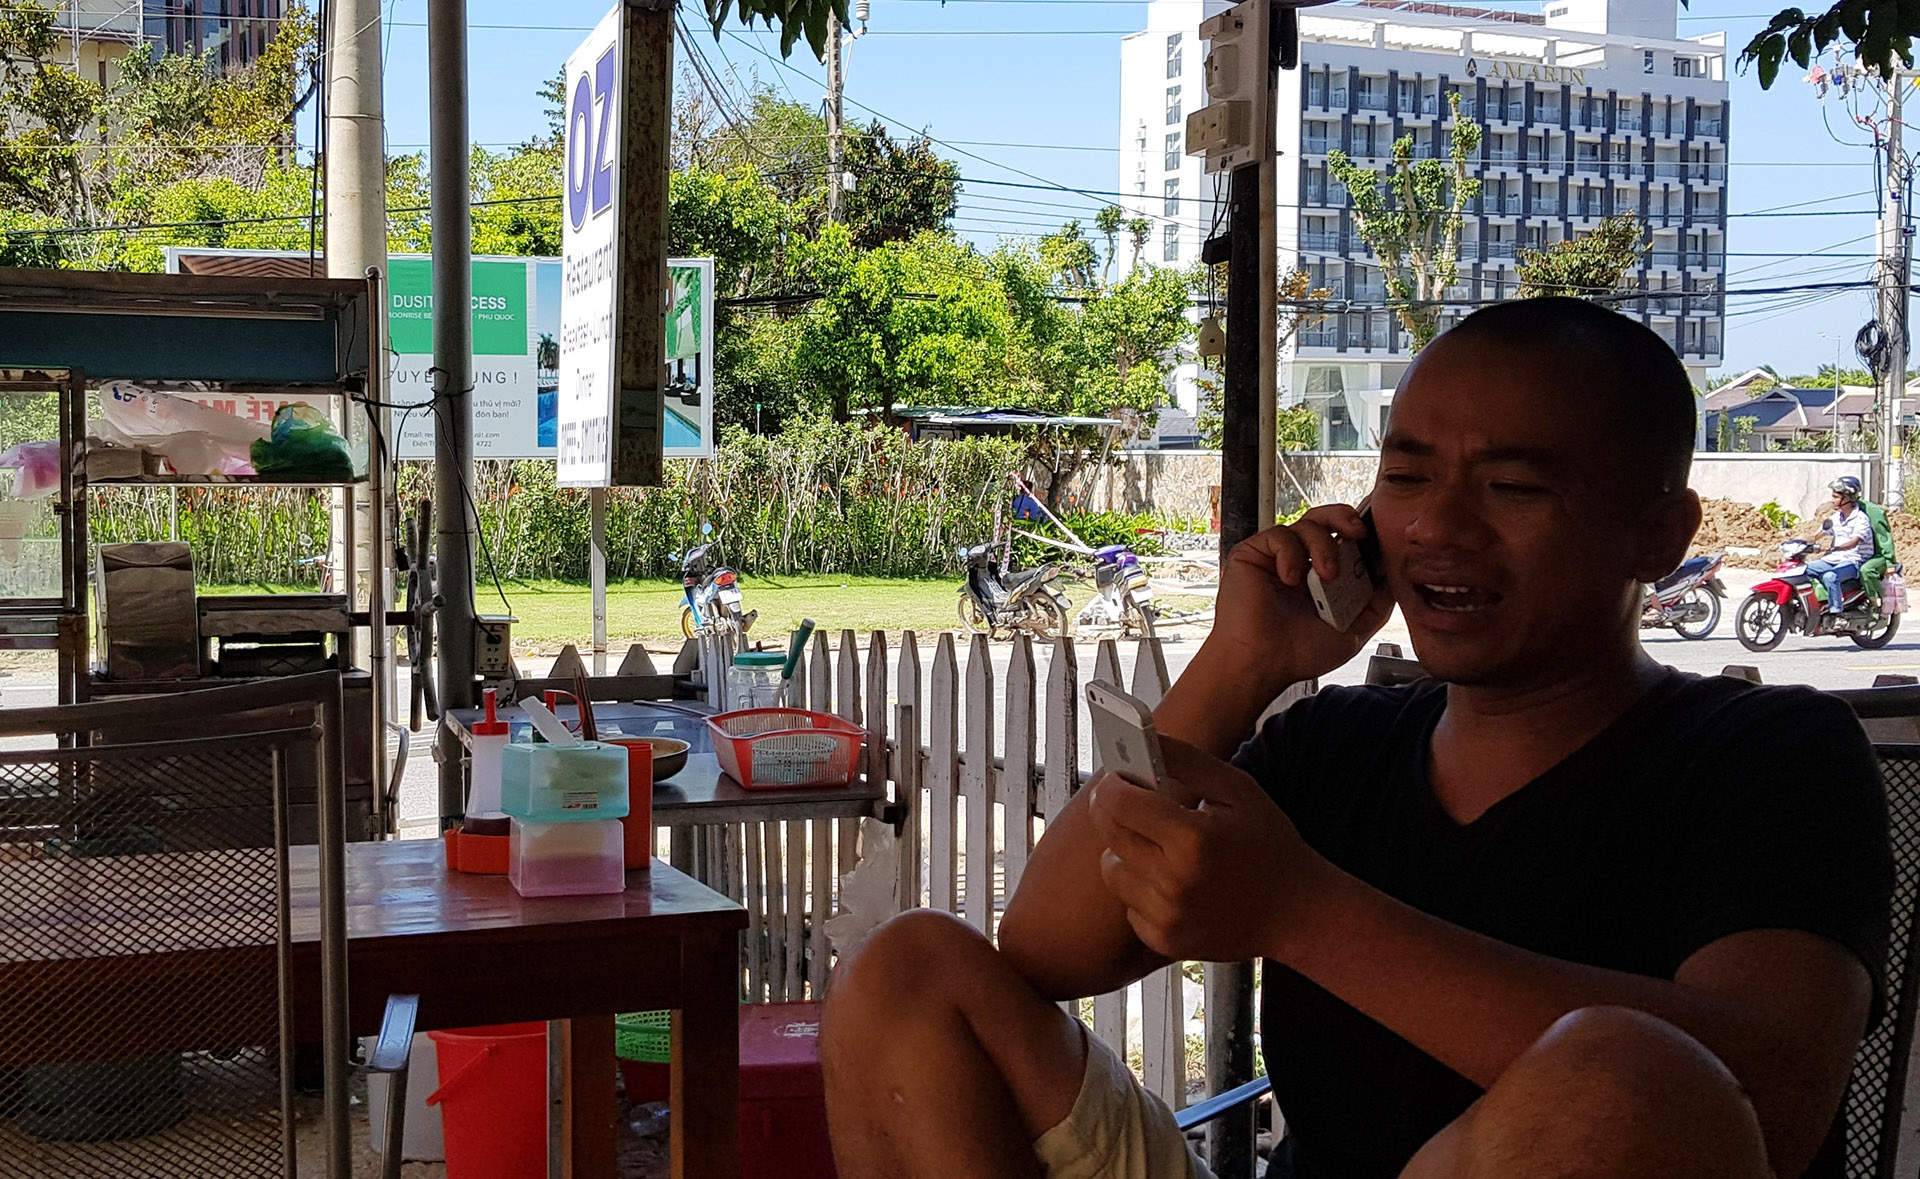 Co dat lam giau o dai cong truong Phu Quoc hinh anh 3